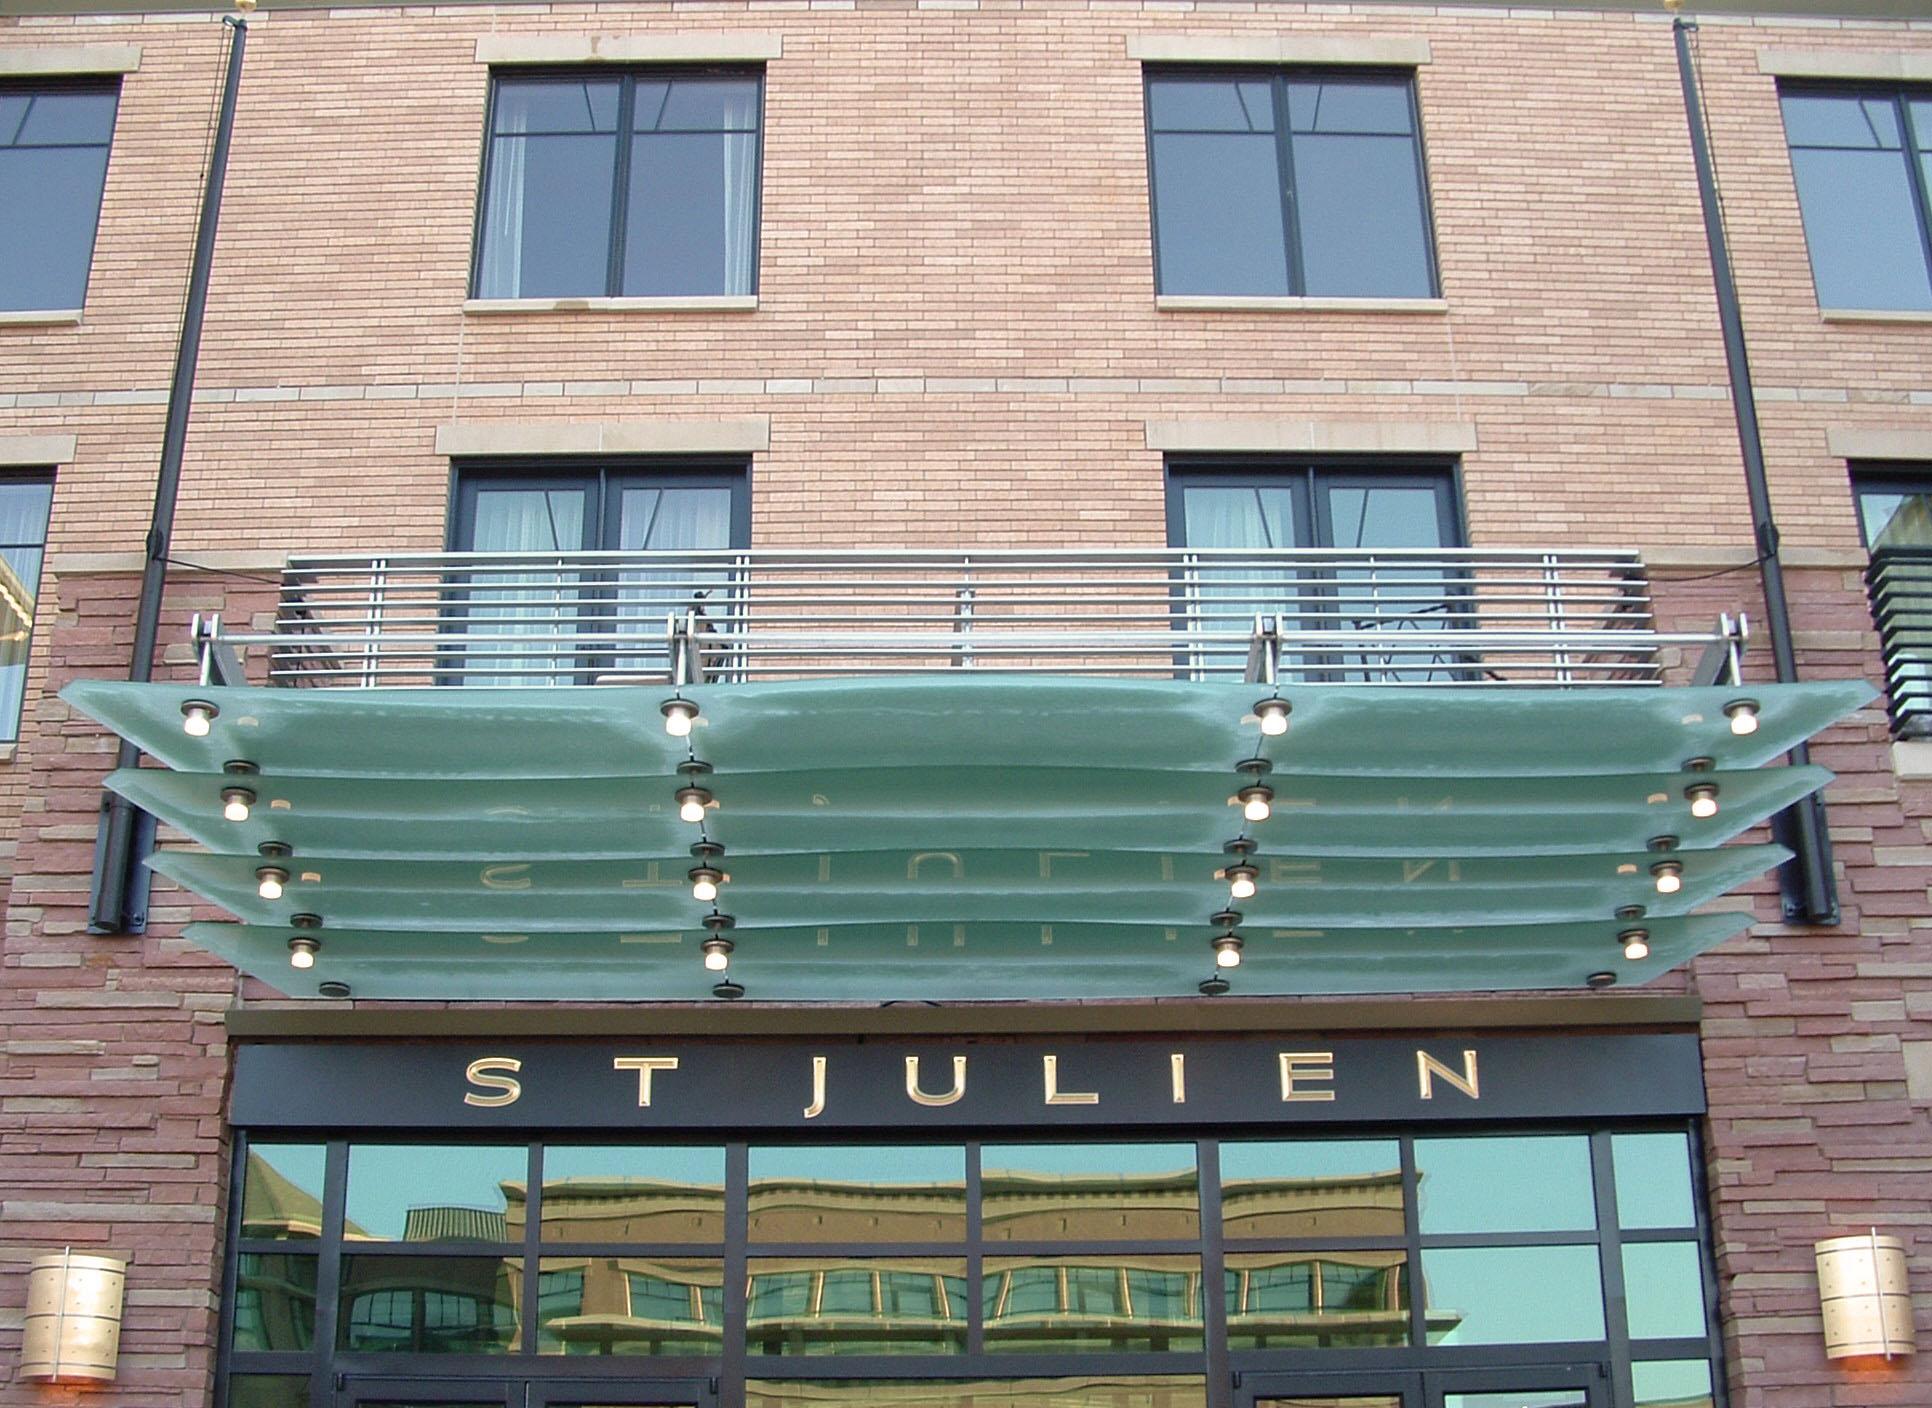 St Julien Hotel – Boulder CO